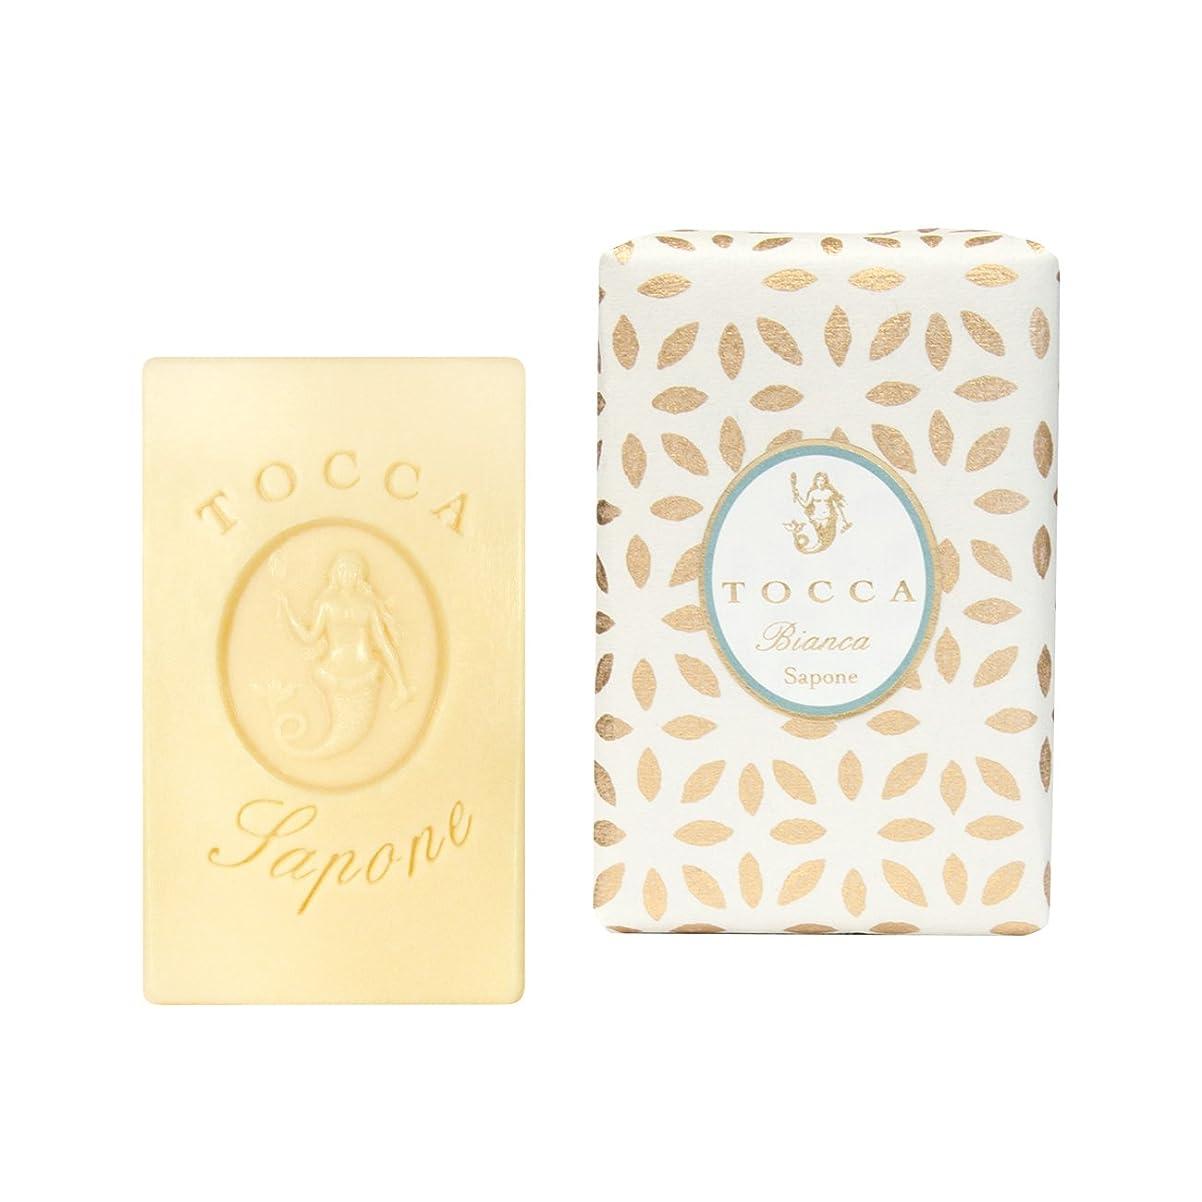 早く膨らみ解放するトッカ(TOCCA) ソープバー ビアンカの香り 113g(化粧石けん シトラスとグリーンティー、ローズが絶妙に溶け合ったほのかに甘さ漂うフレッシュな香り)